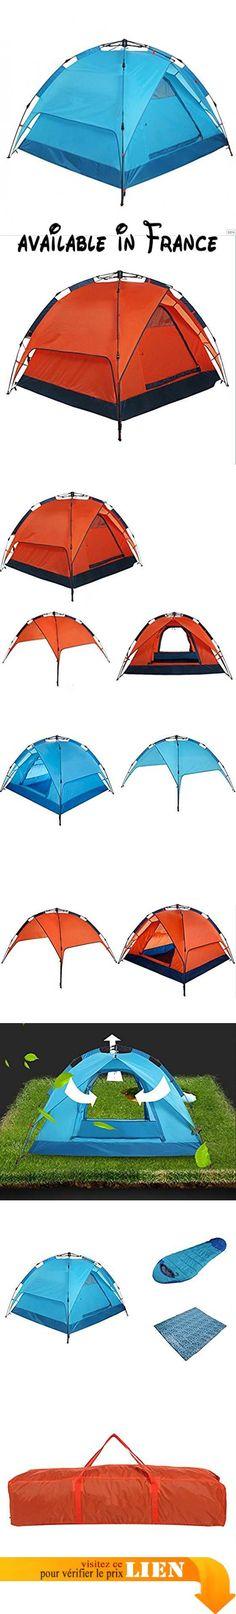 B072BV59JW : GOUQIN Tente 3-4 Personne Automatiquement Sur Loisirs Camping Tentes Doubles Bleu Équipement De Sports De Plein Air. Parfait pour les fêtes et les voyages de camping. Imperméable à l'eau léger et robuste. robuste finition avec coutures scellées étanches & matériel ignifuge font cette tente spacieuse très durable. Spacieux espace pouvant accueillir bottes et gros emballages. Imperméable à l'eau Anti-déchirure résistant à l'usure respirante #campingtents